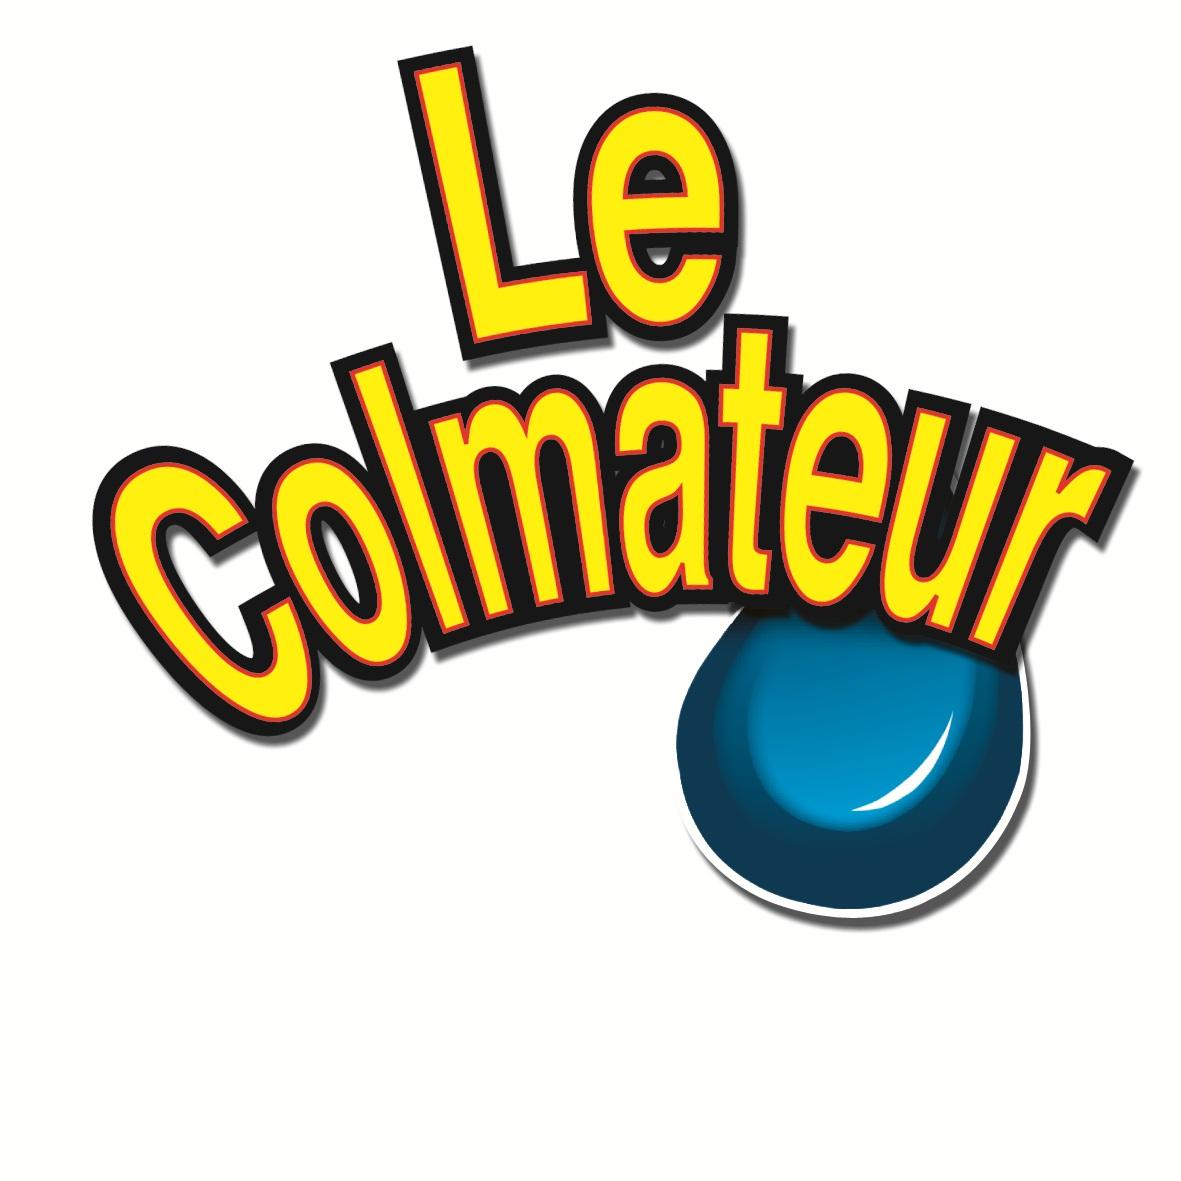 Le Colmateur Le Spray Bitume Pratique Pour Tout Colmater